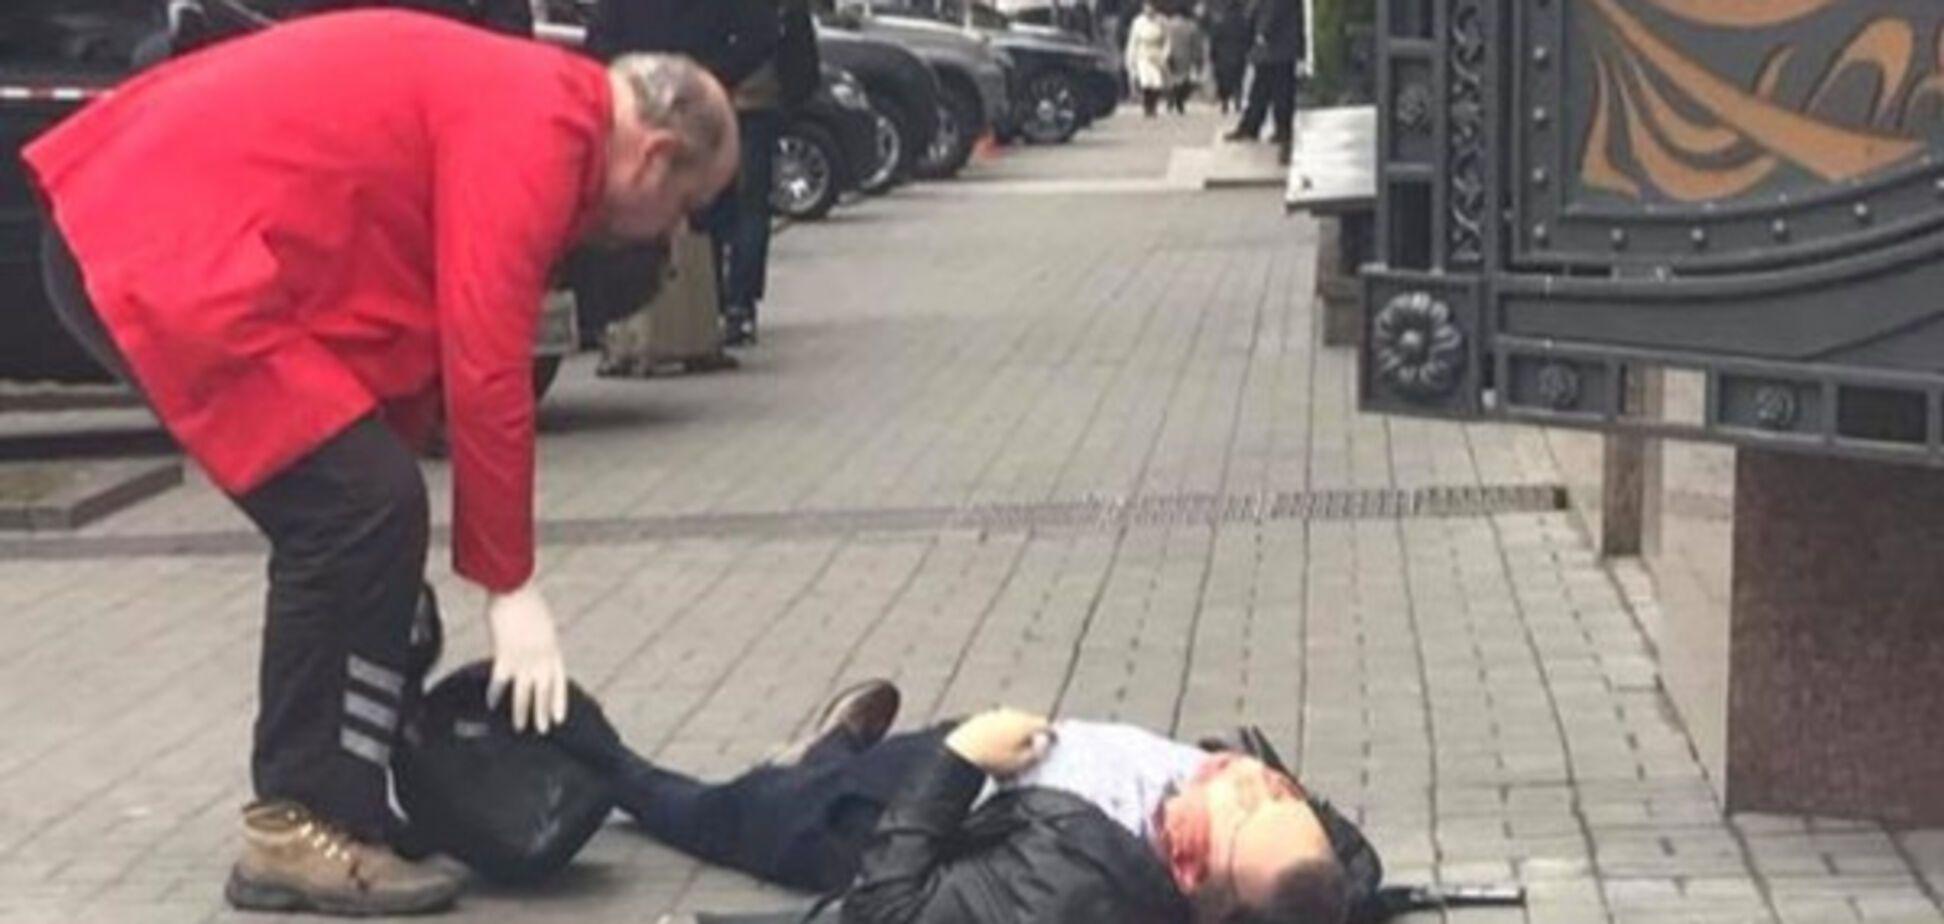 Вороненков накануне гибели общался с адвокатом: появились подробности